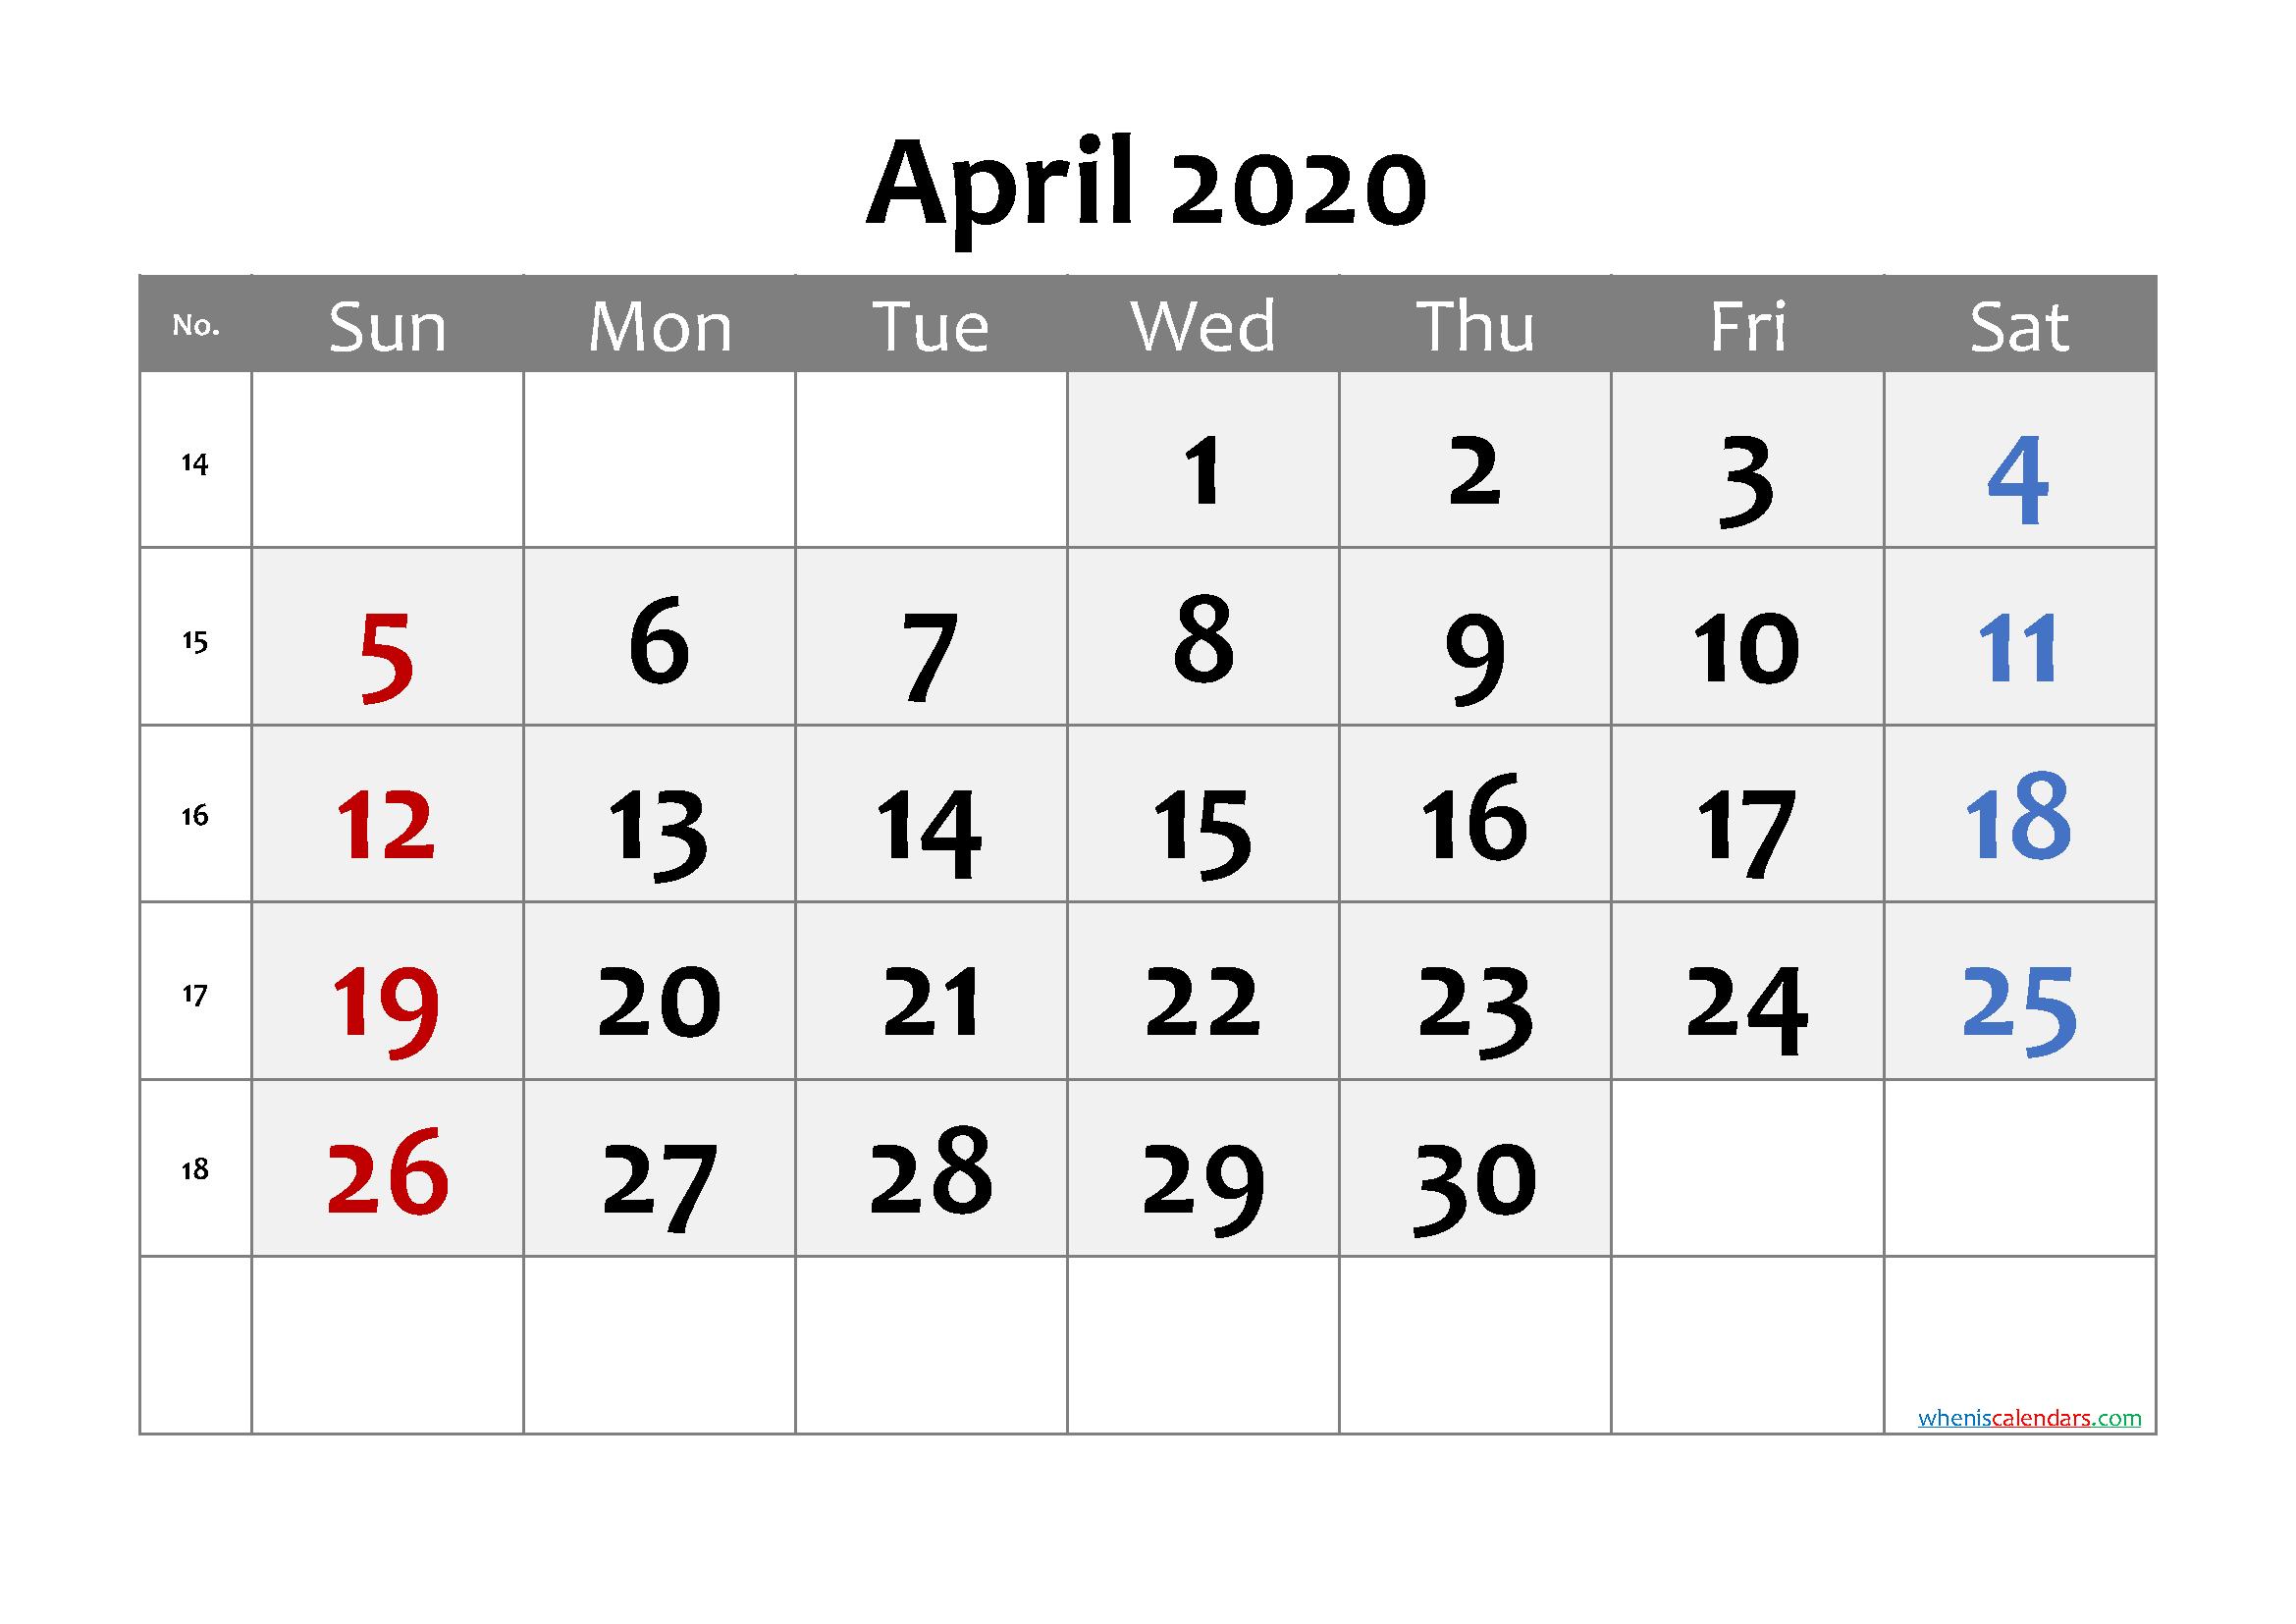 April 2020 Printable Calendar with Week Numbers